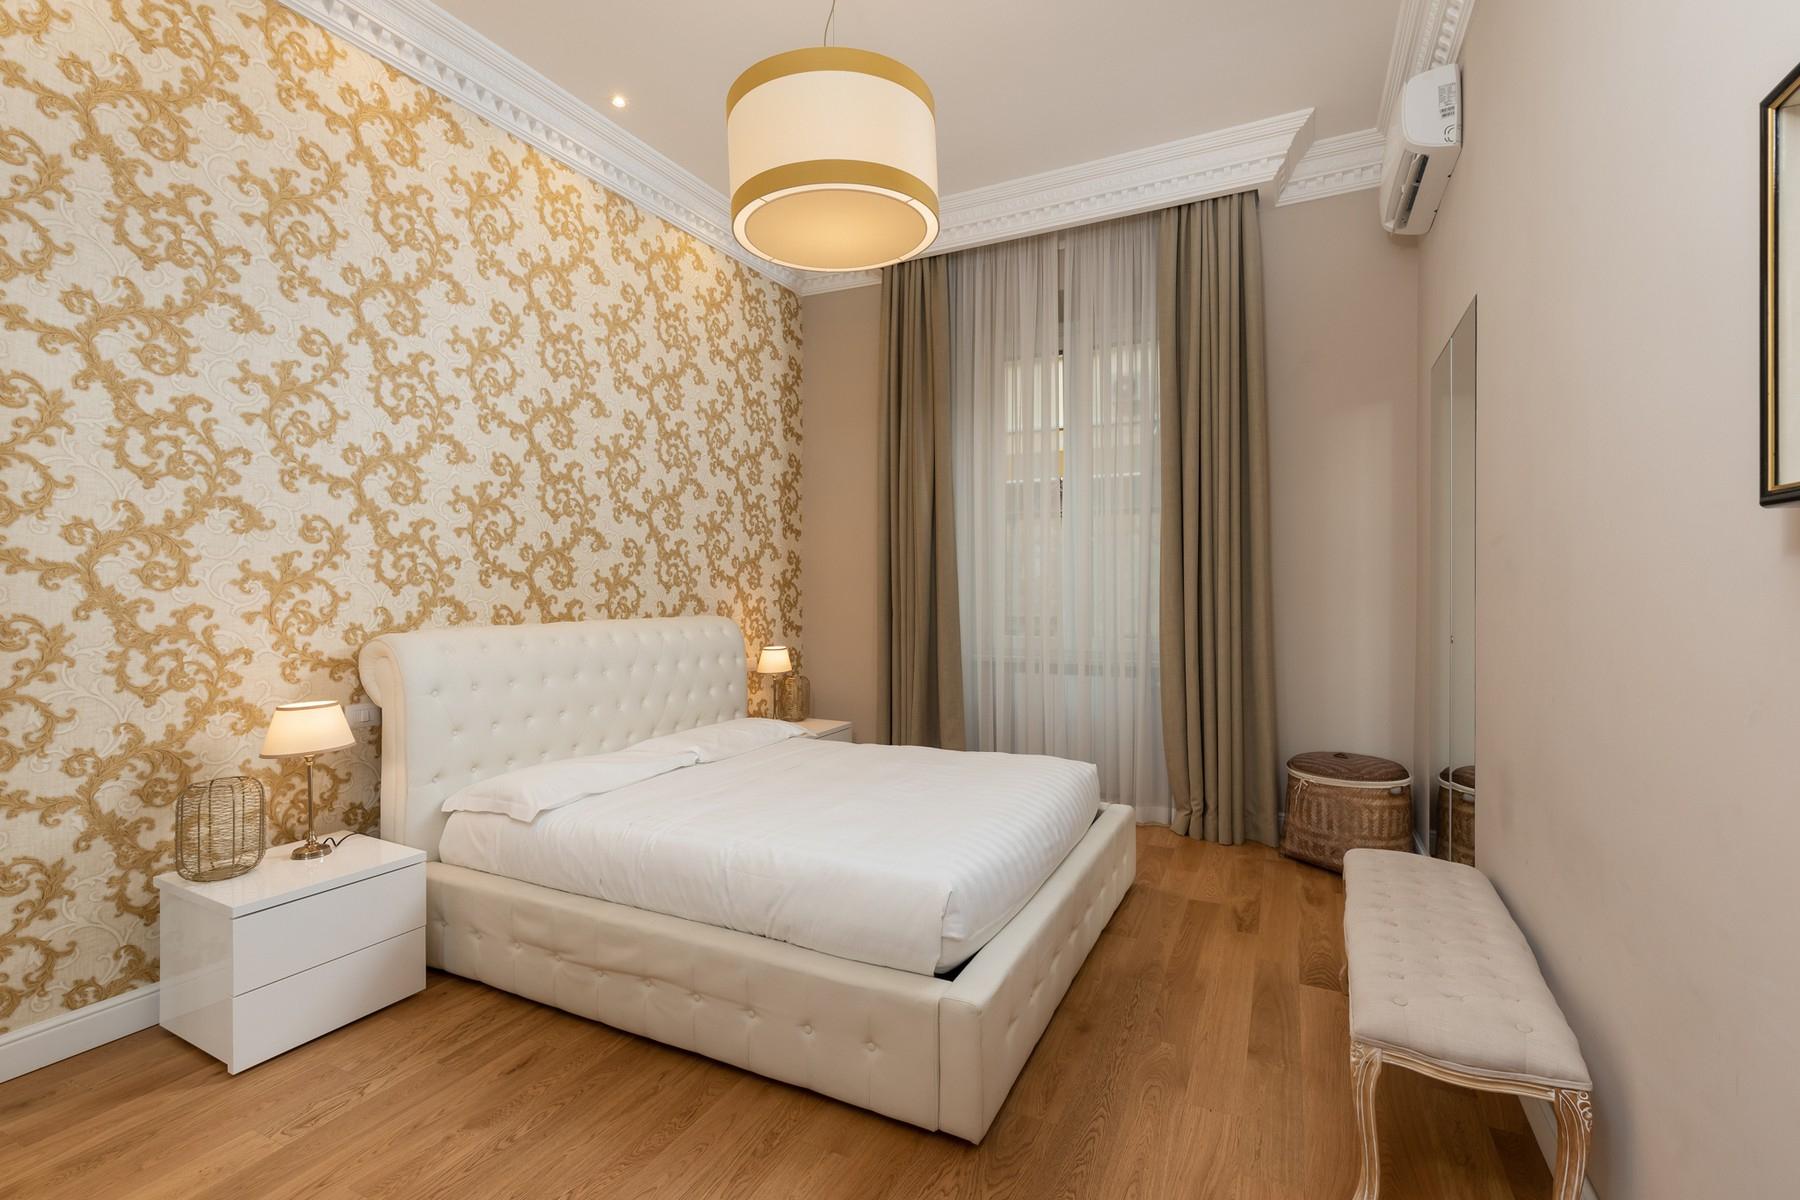 Appartamento in Vendita a Roma: 3 locali, 100 mq - Foto 8